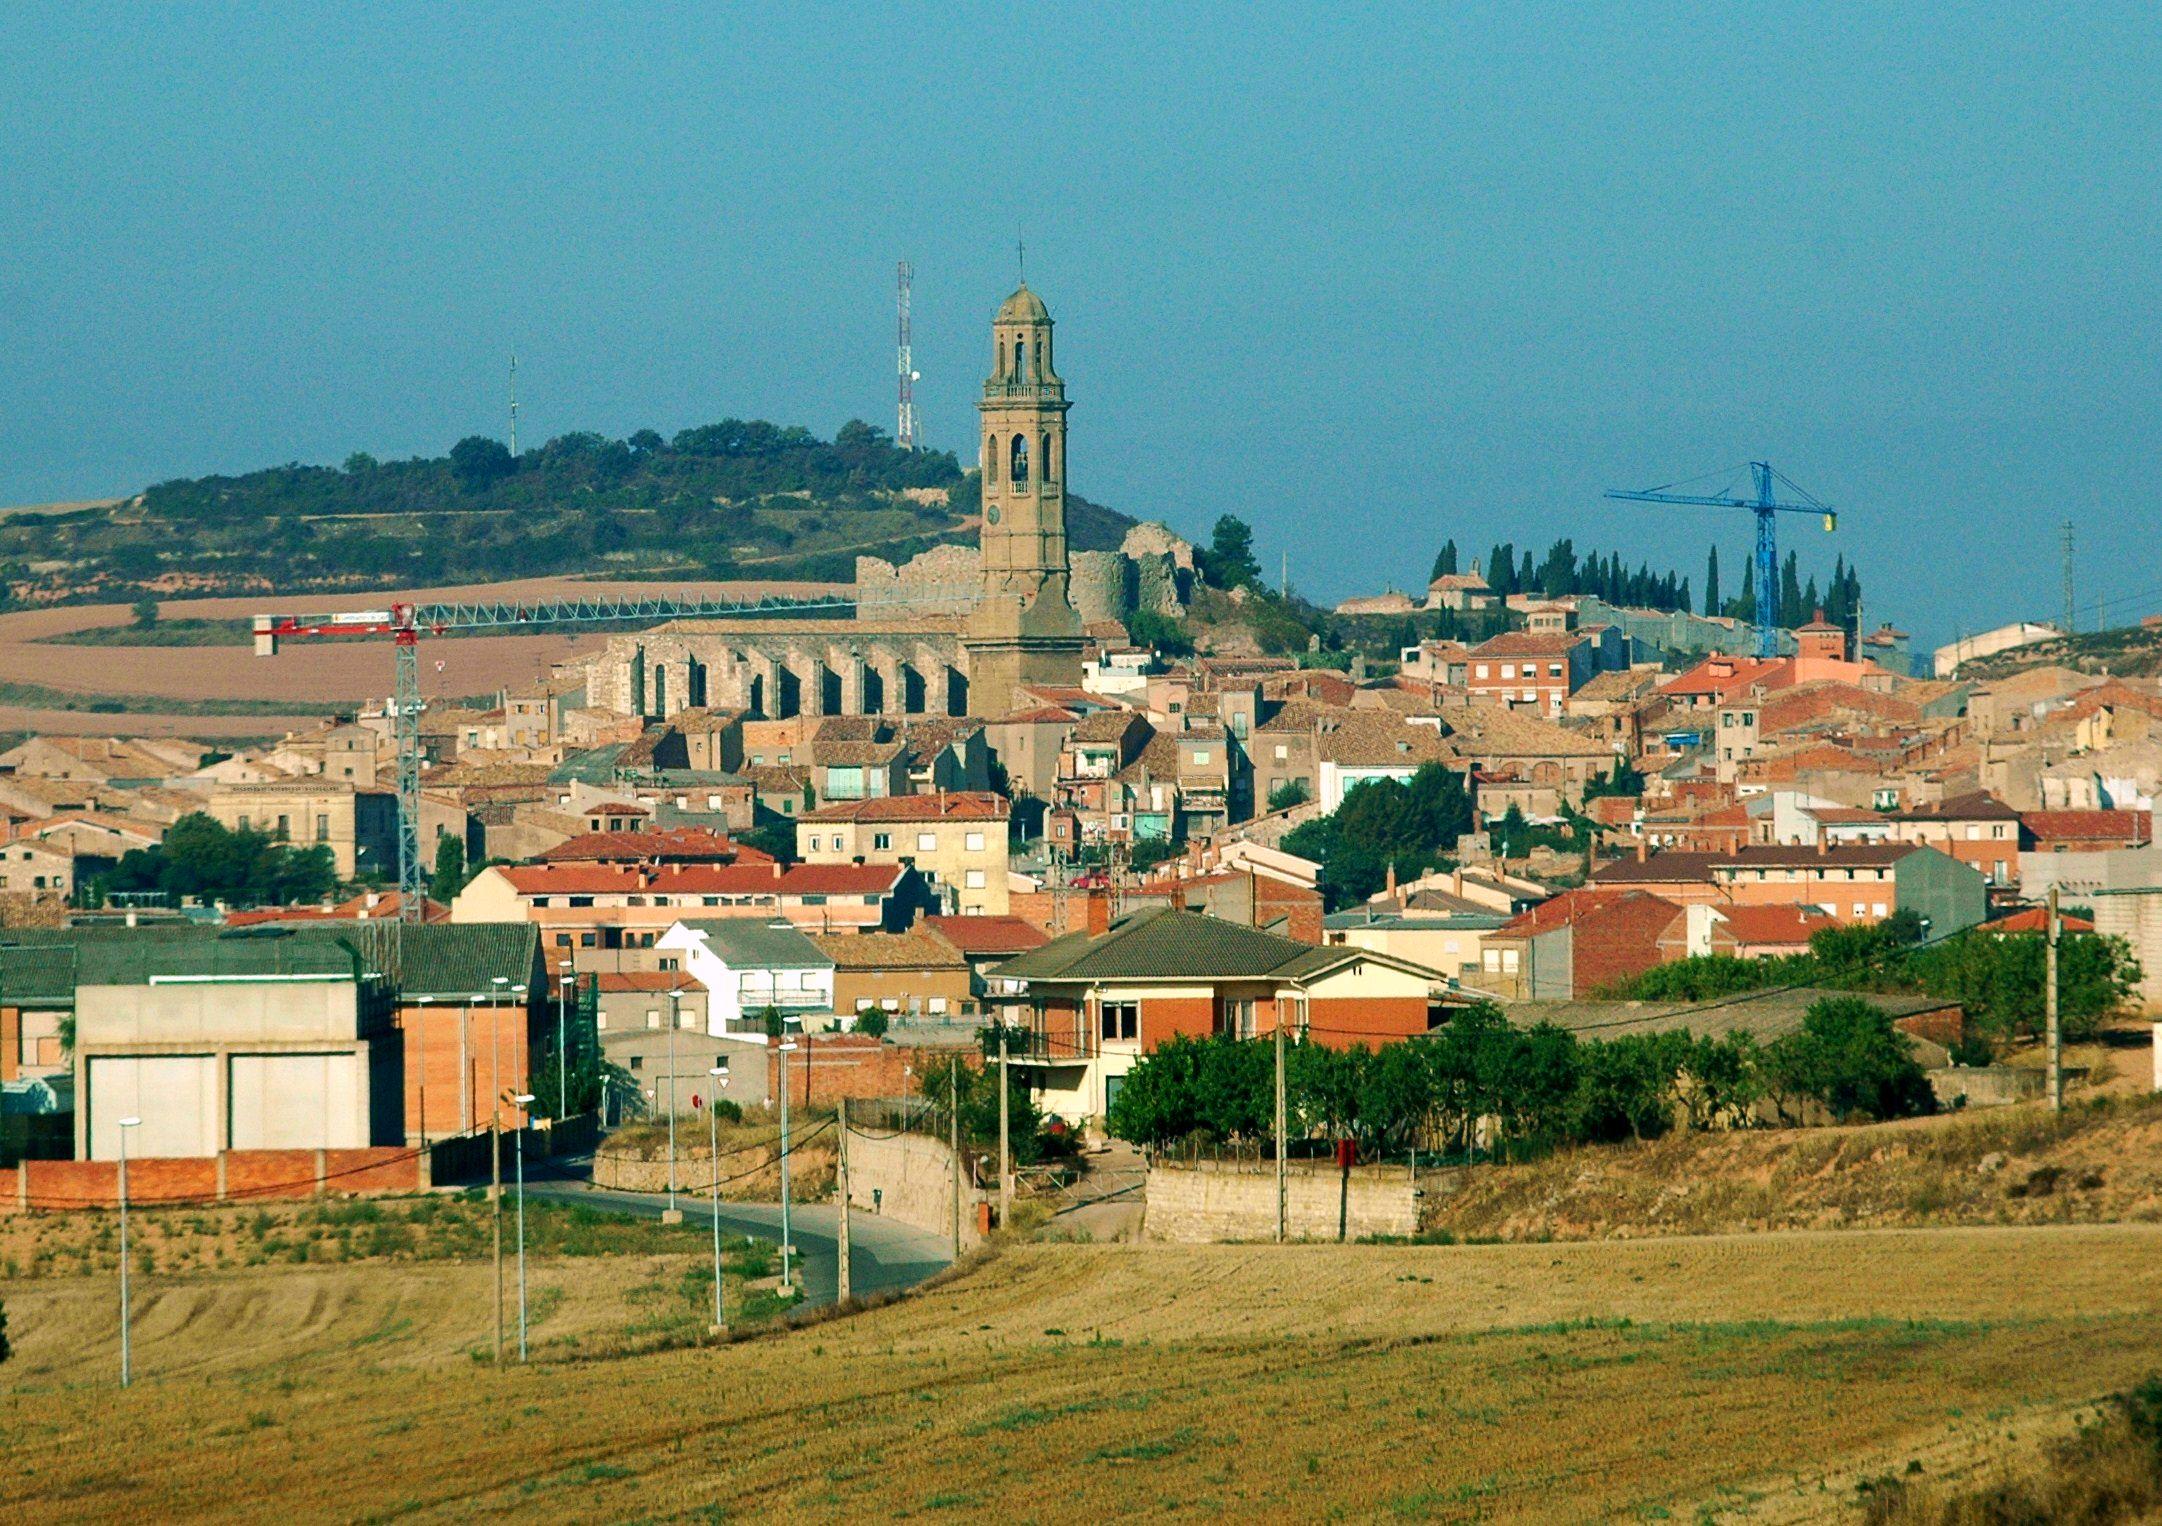 Calaf City